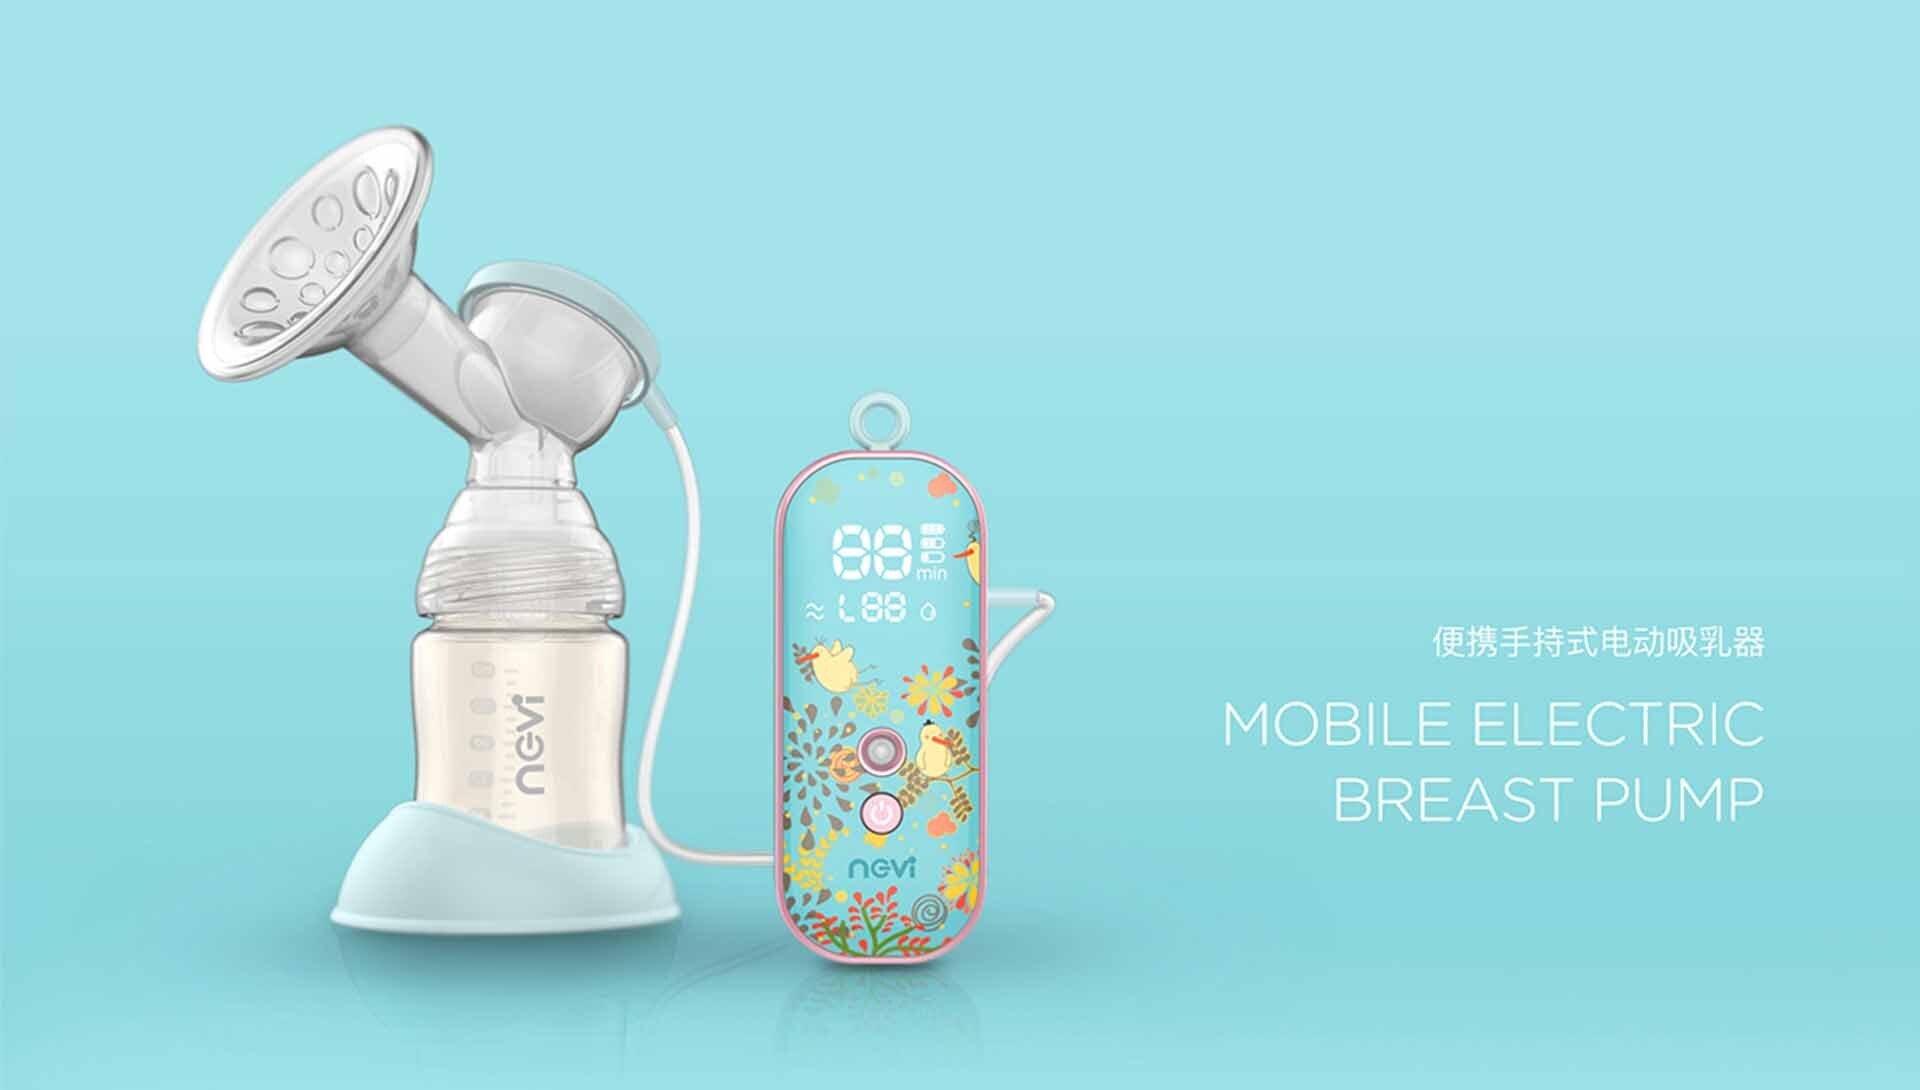 分体式便携吸奶器